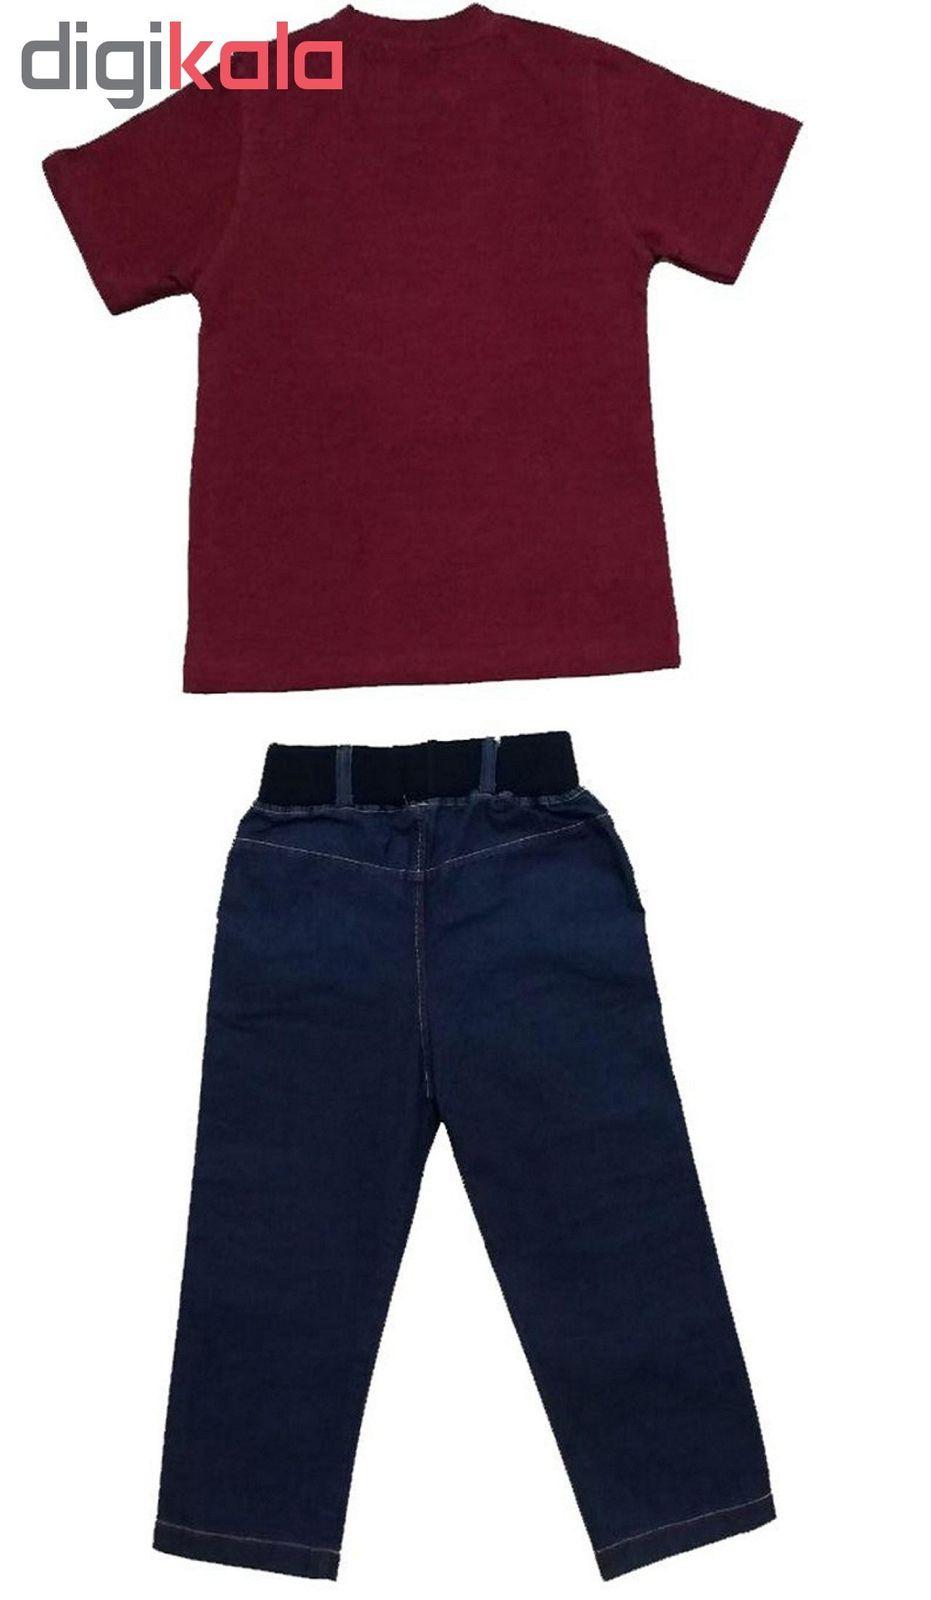 ست تی شرت و شلوارک پسرانه گراکو طرح موتور کد 118 main 1 3